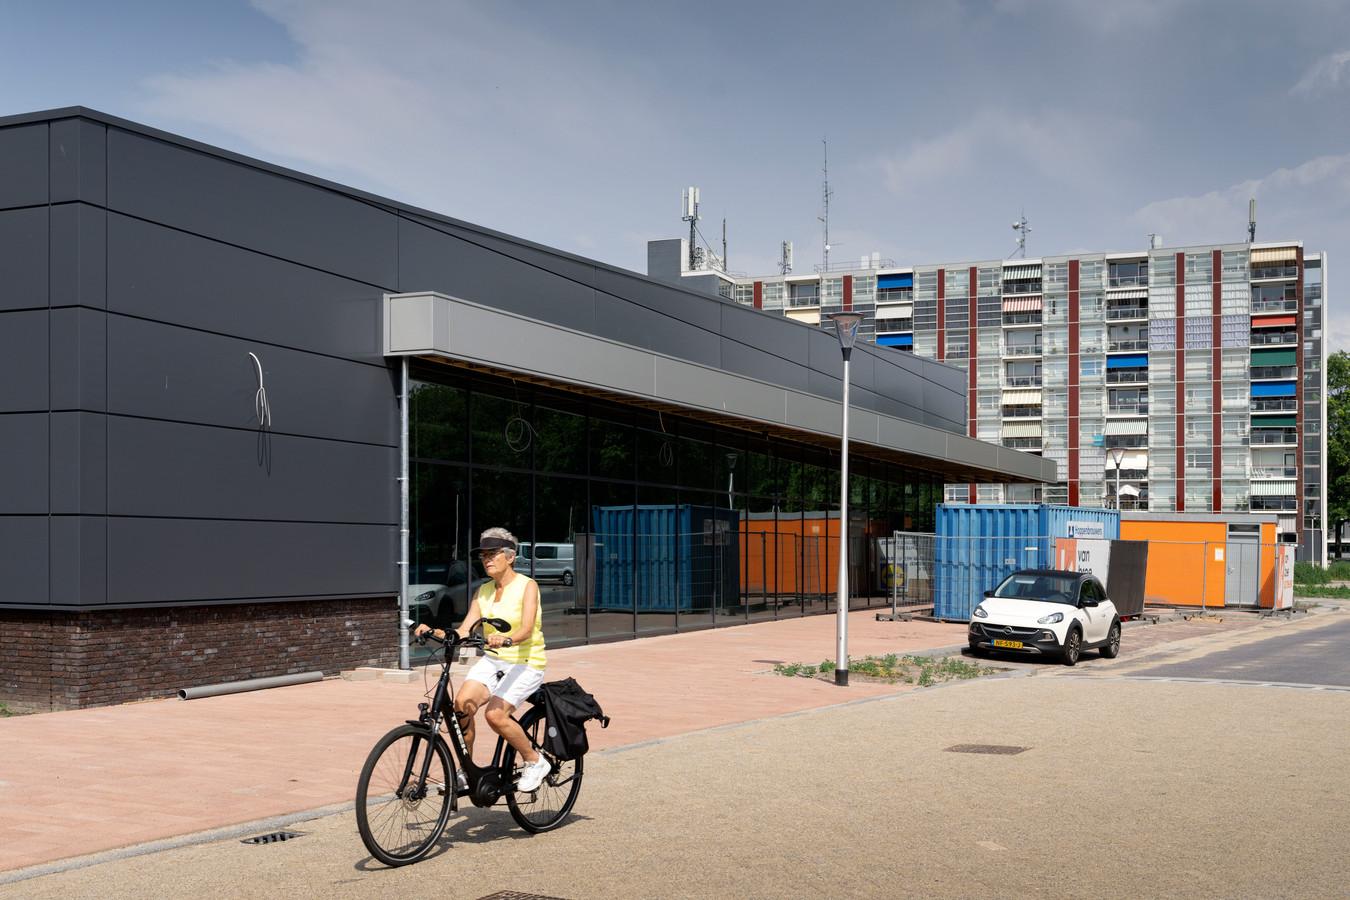 De nieuwe Lidl in aanbouw. De supermarkt in Waalwijk opent komende woensdag de deuren.